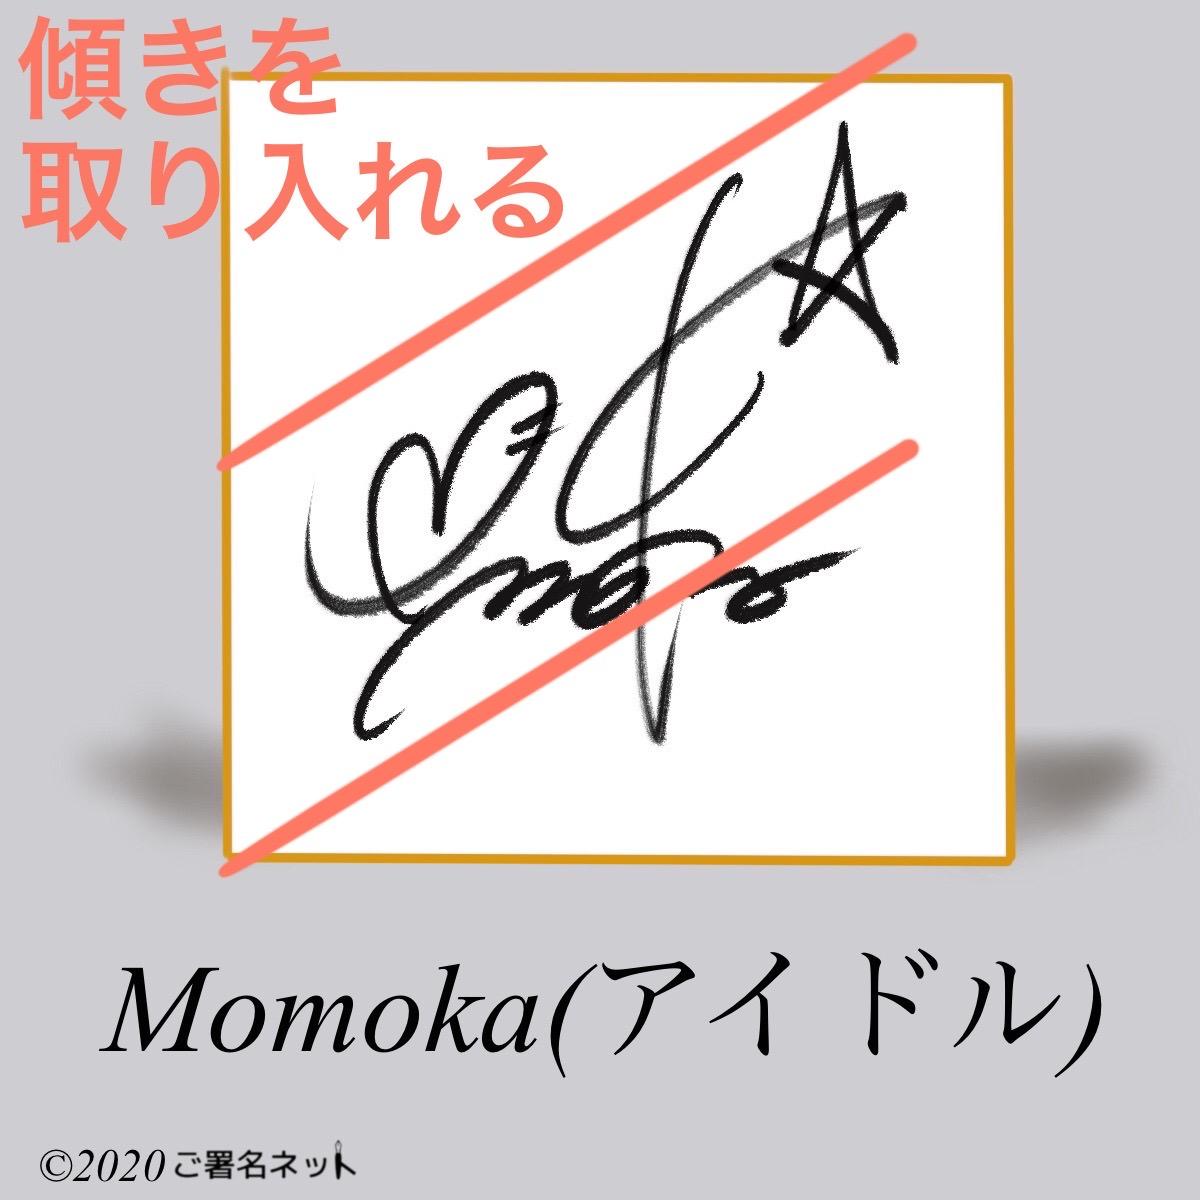 かわいいサインの書き方、作り方